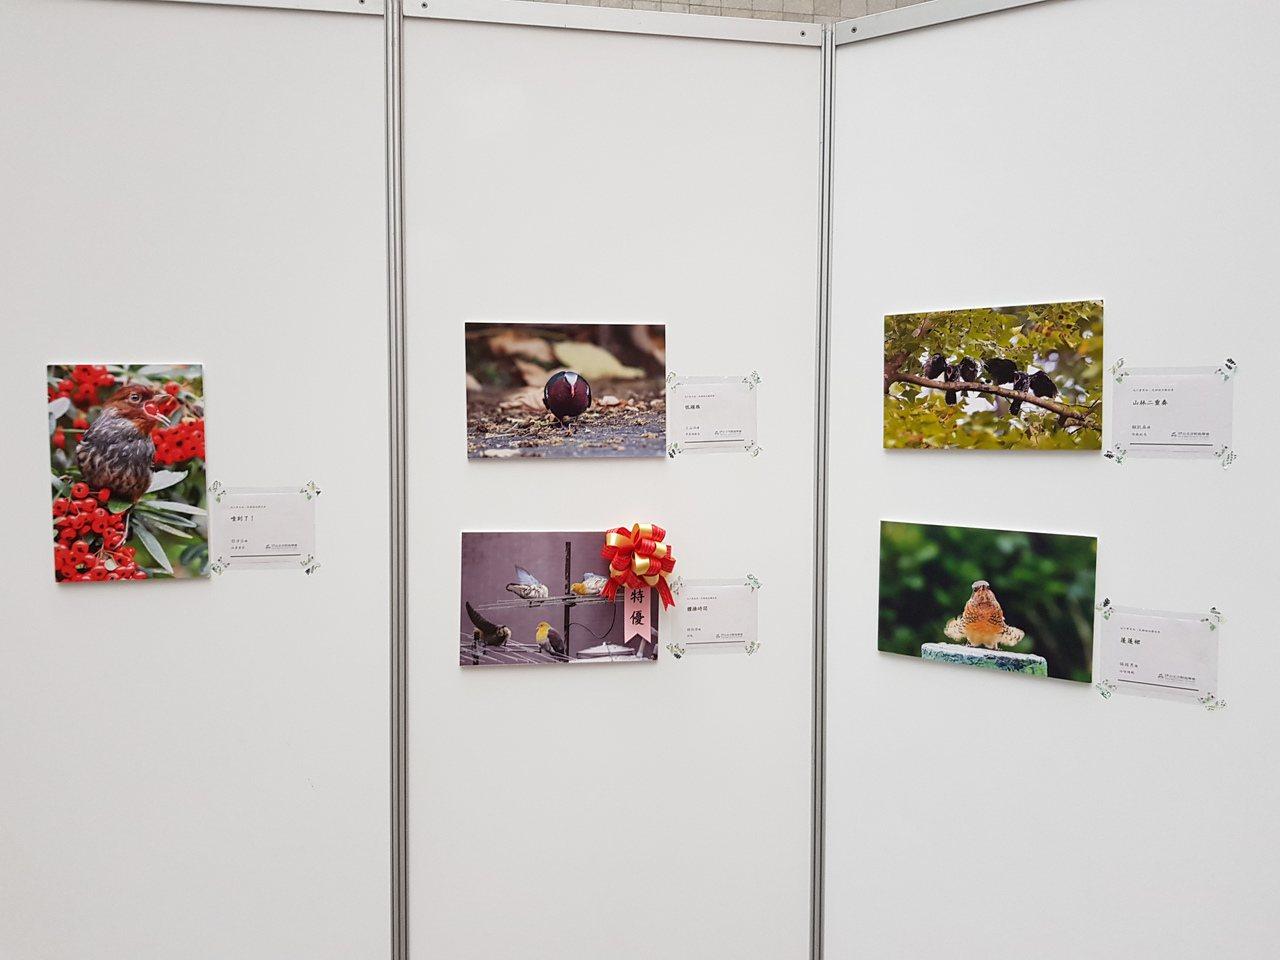 北市動保處與社團法人台北市野鳥學會舉辦「這什麼鳥啦!」鳥類野趣快閃攝影徵件活動,...